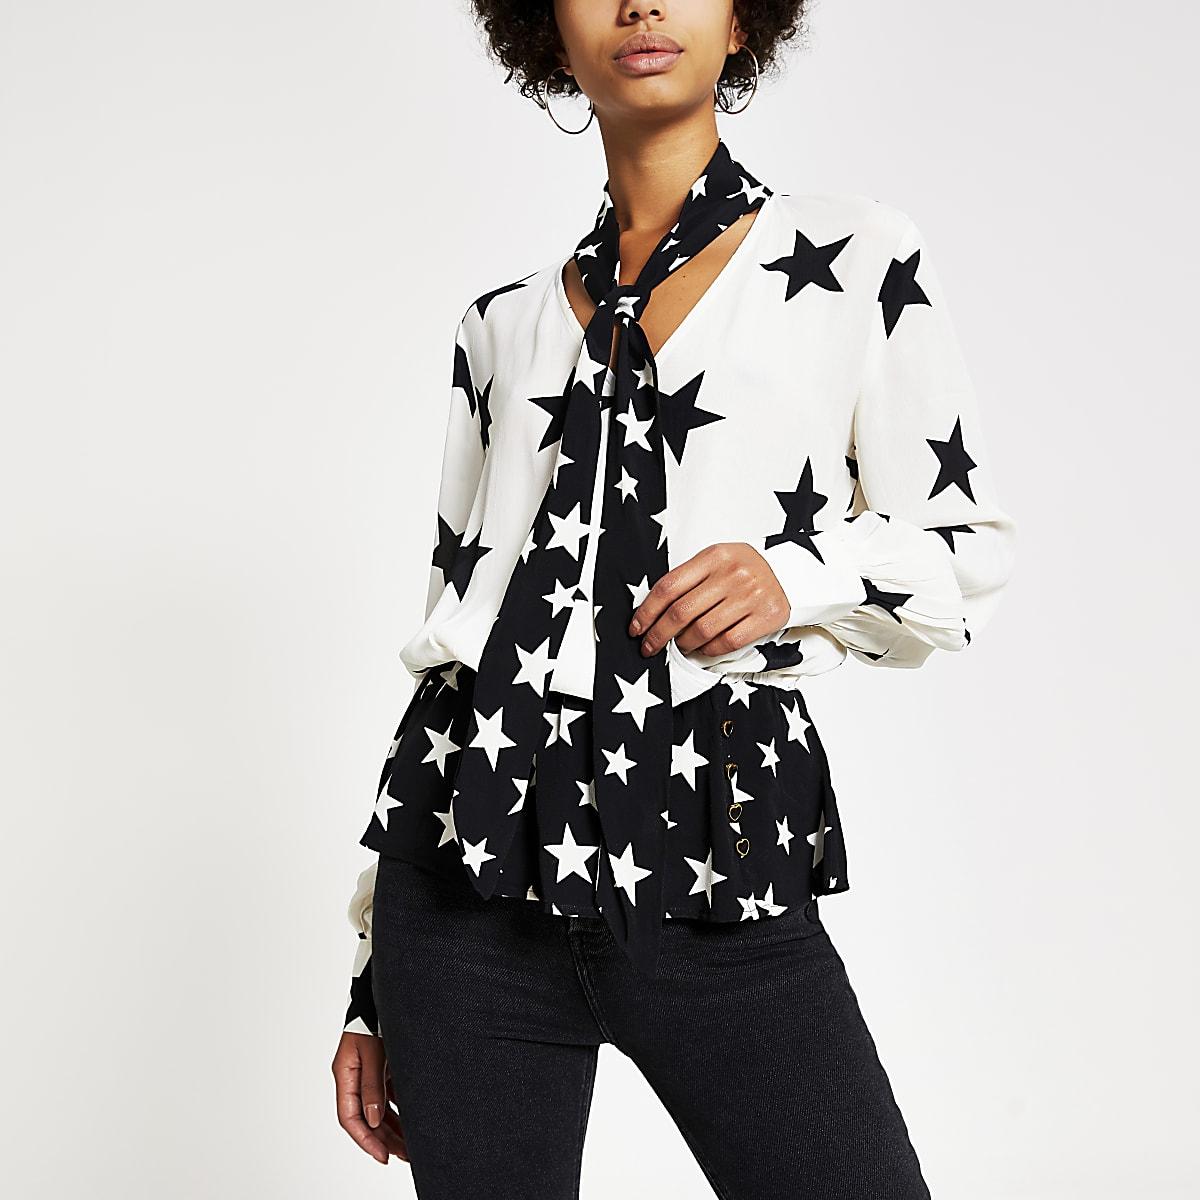 Crèmekleurige blouse met sterrenprint en strik bij de hals